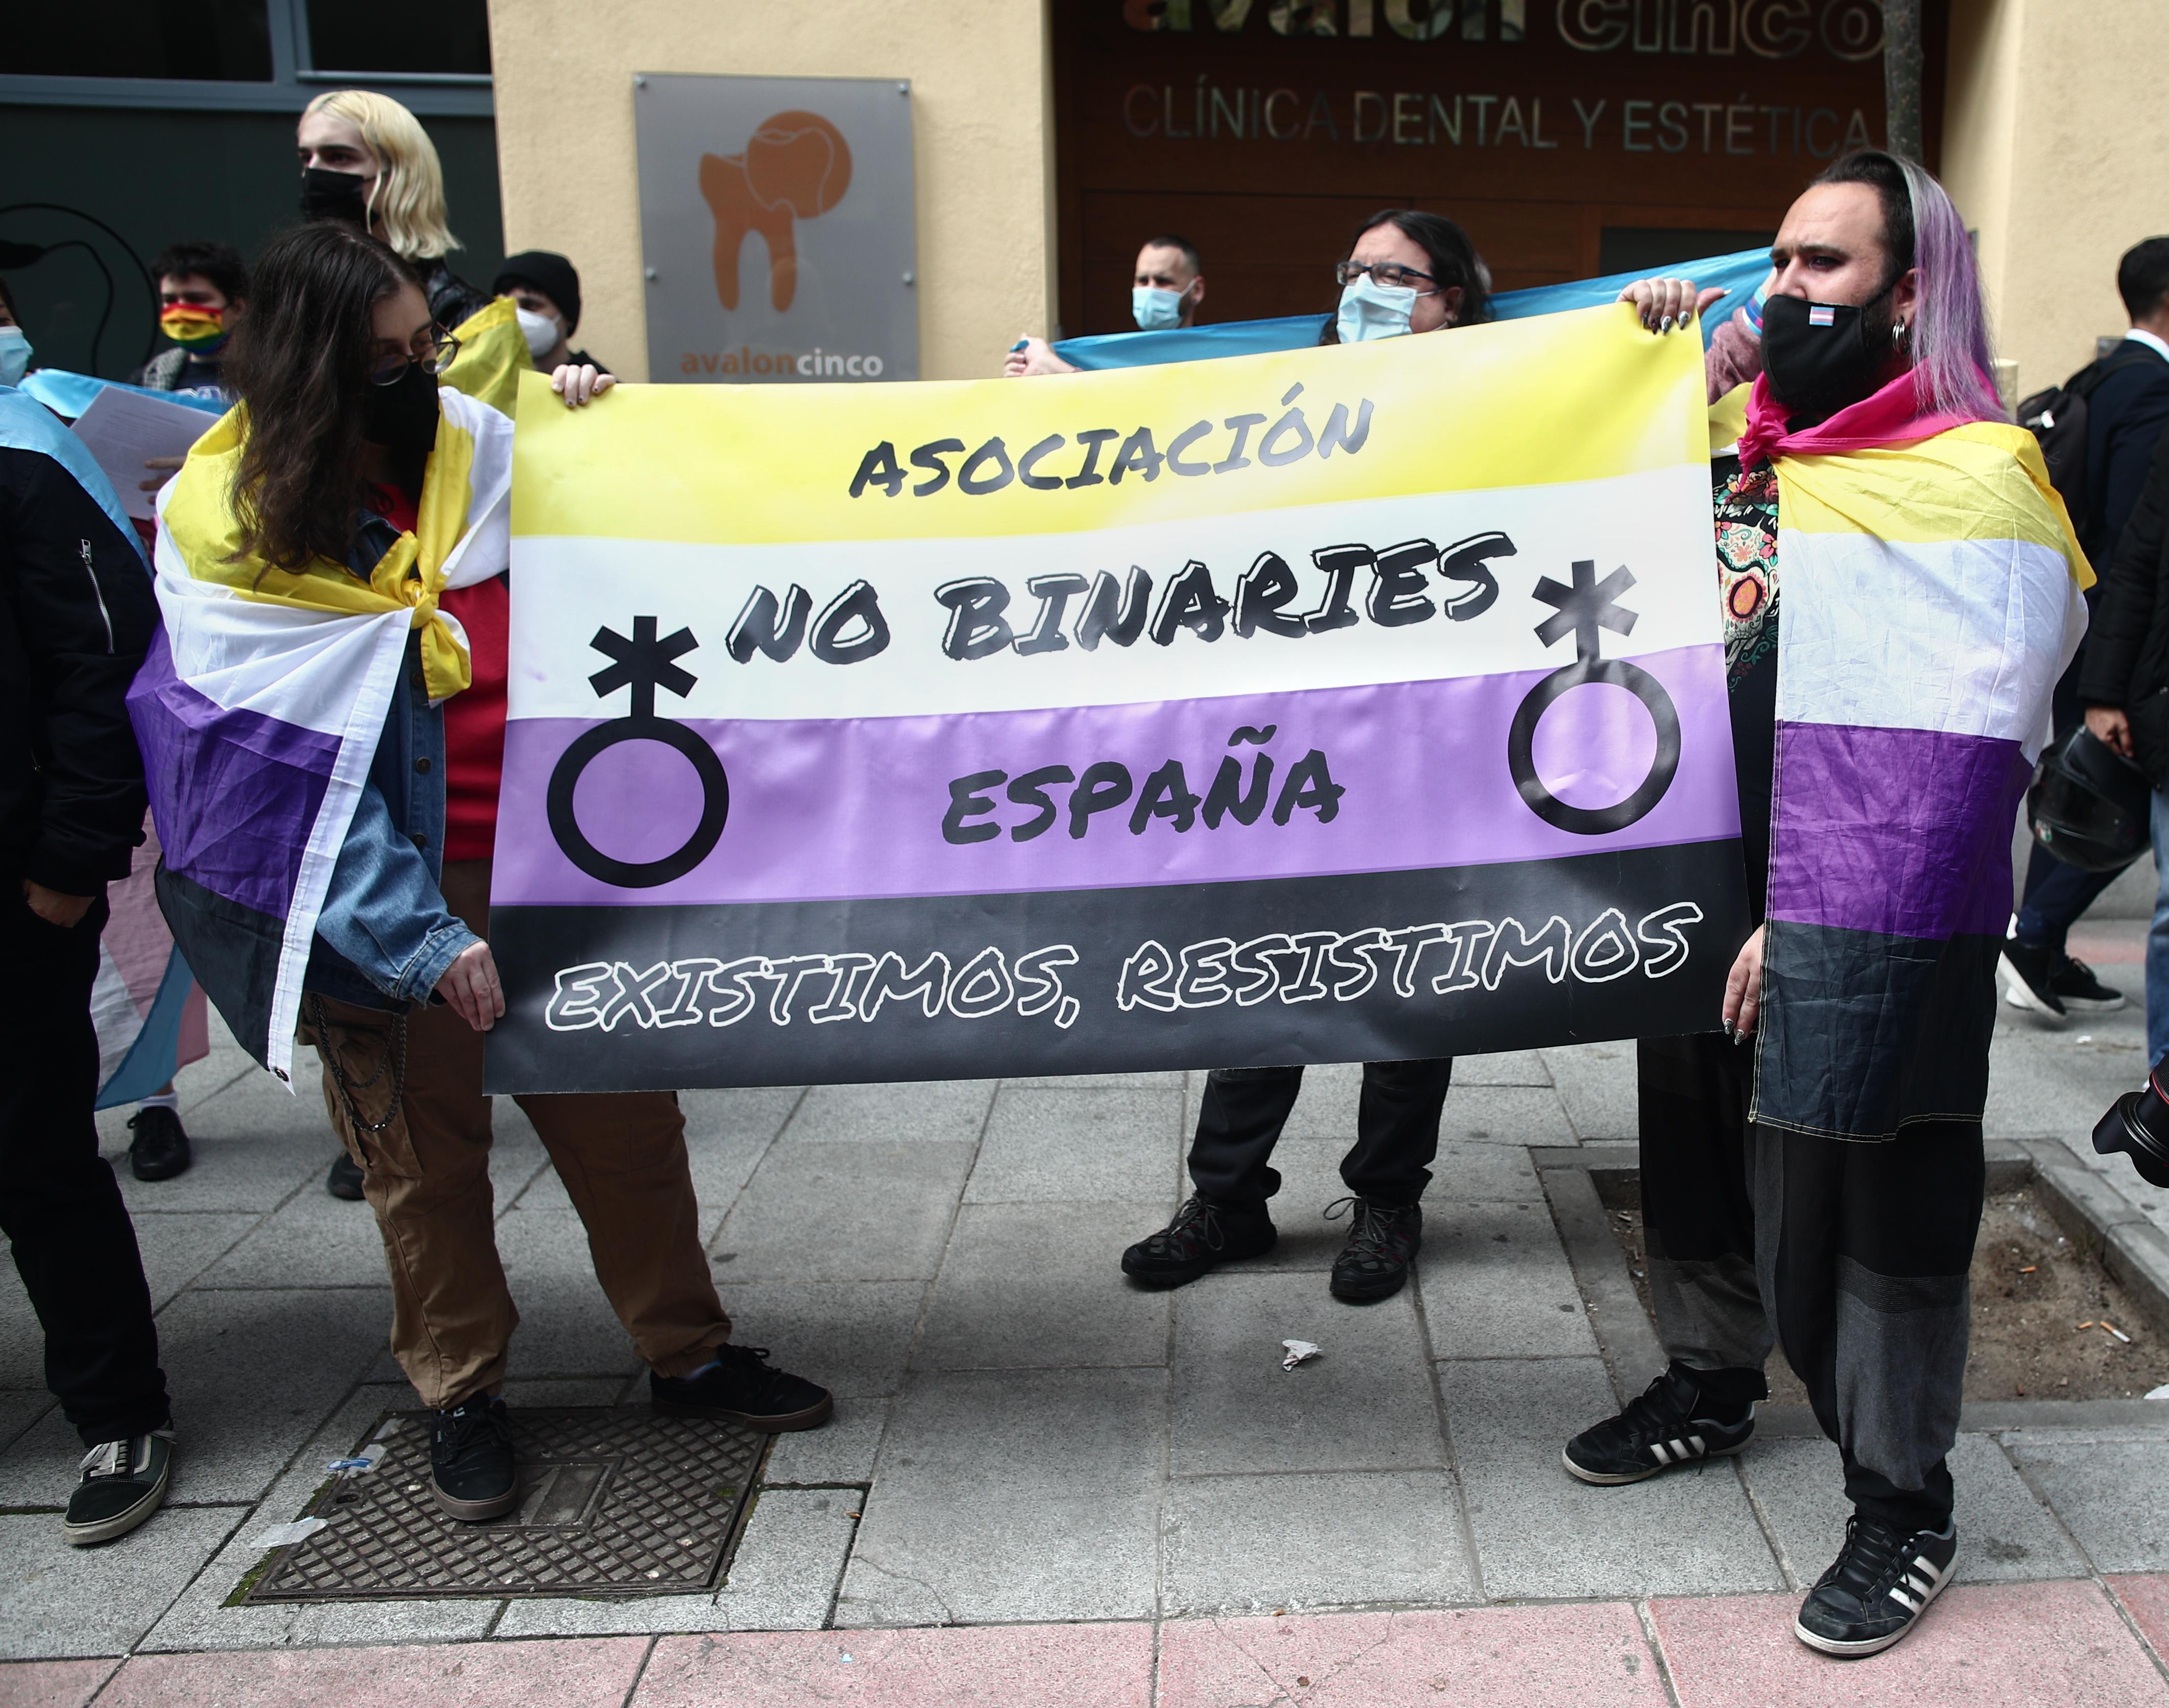 Colectivos no binarios protestan frente a la sede del PSOE en Madrid el pasado abril de 2021.